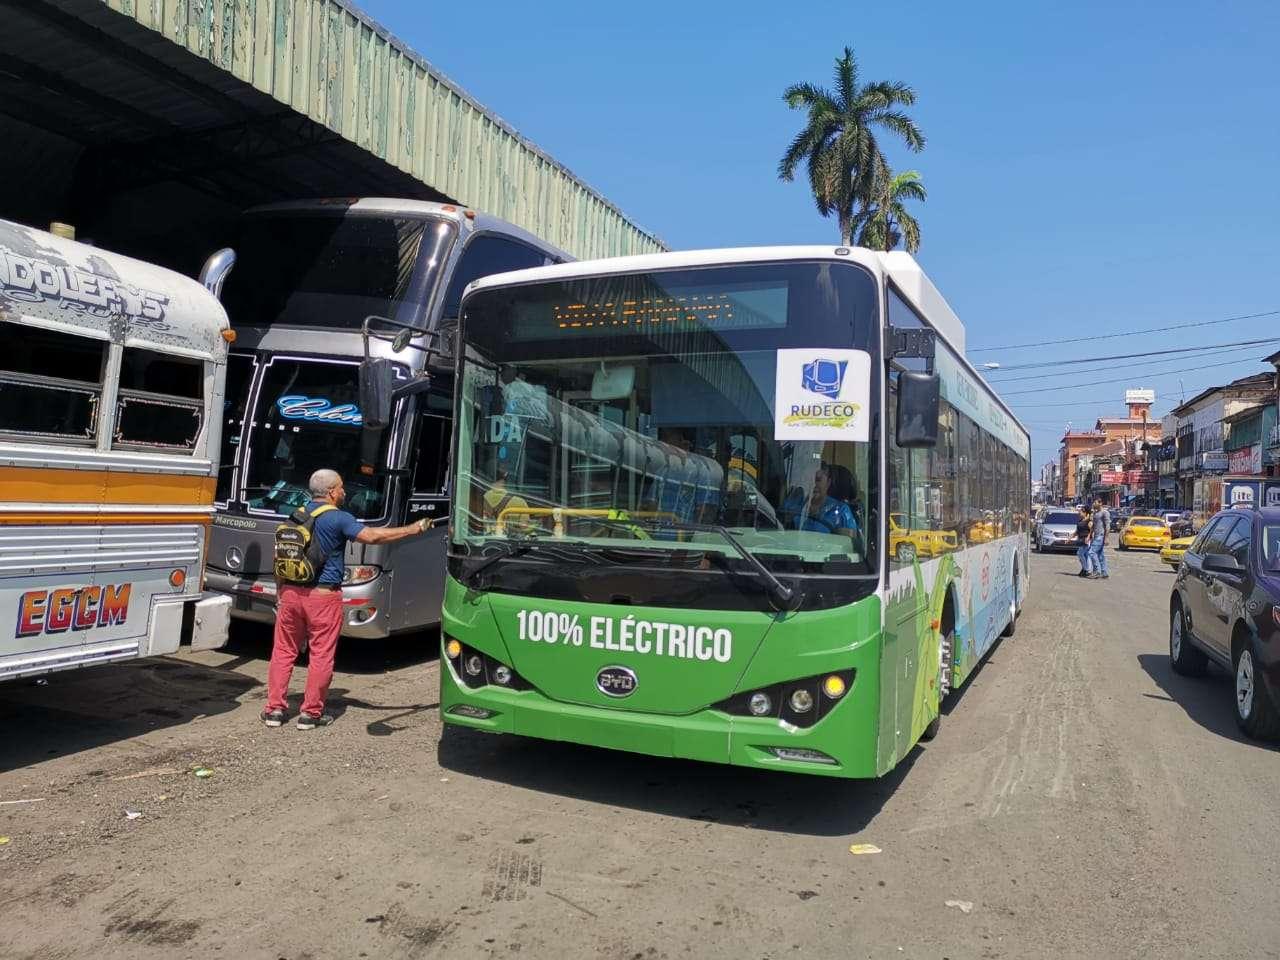 En la imagen un autobús eléctrico. Foto: Diómedes Sánchez